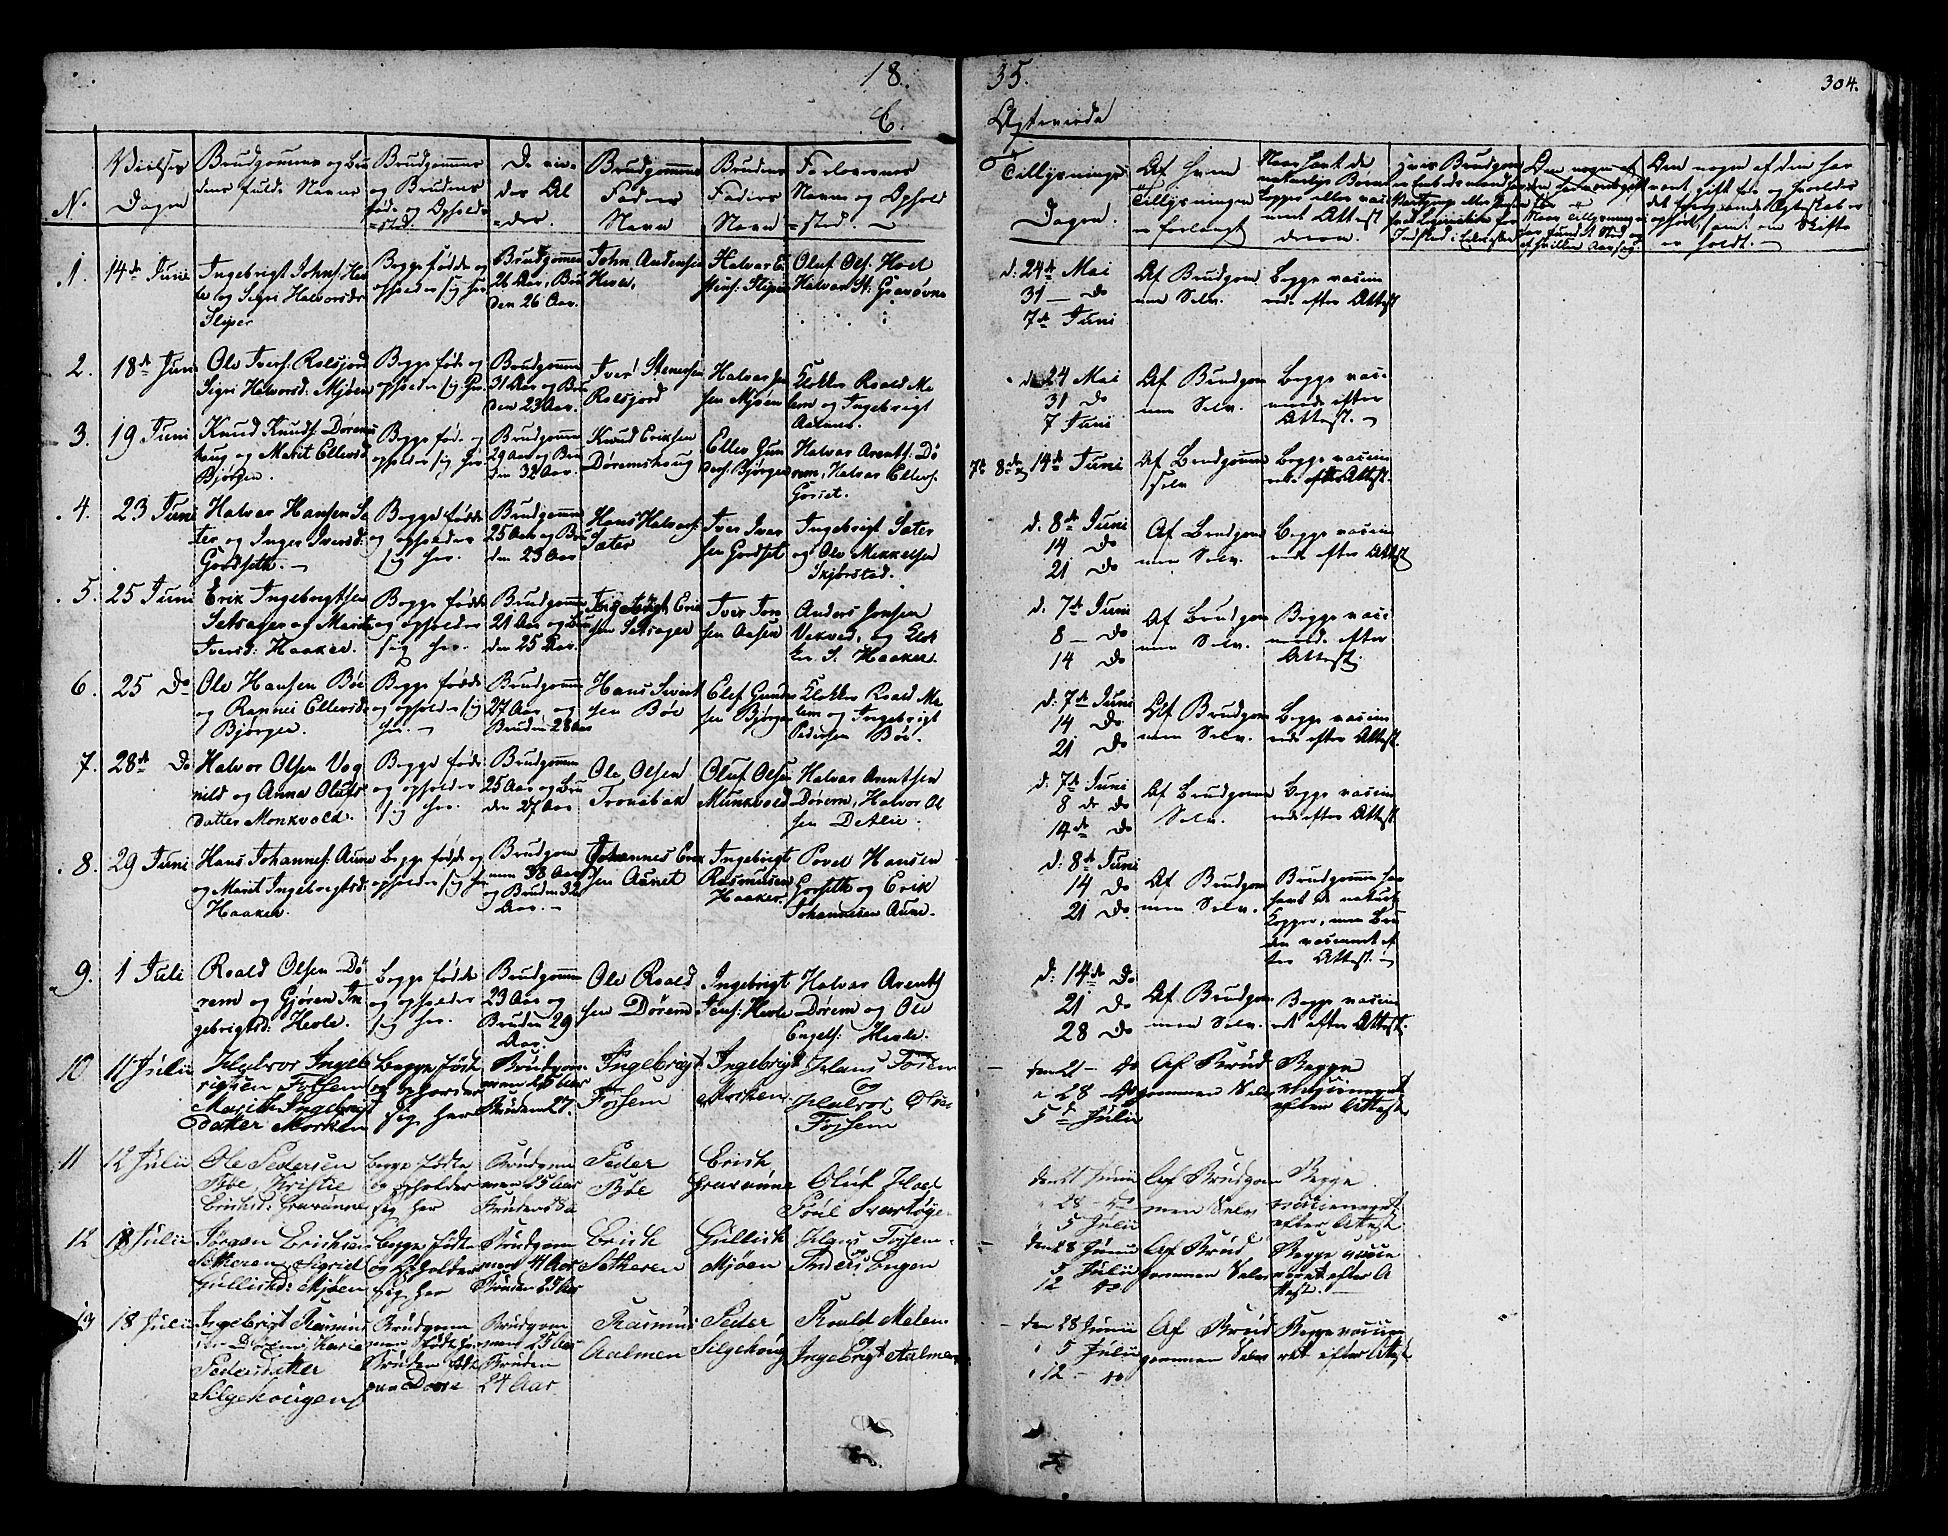 SAT, Ministerialprotokoller, klokkerbøker og fødselsregistre - Sør-Trøndelag, 678/L0897: Ministerialbok nr. 678A06-07, 1821-1847, s. 304